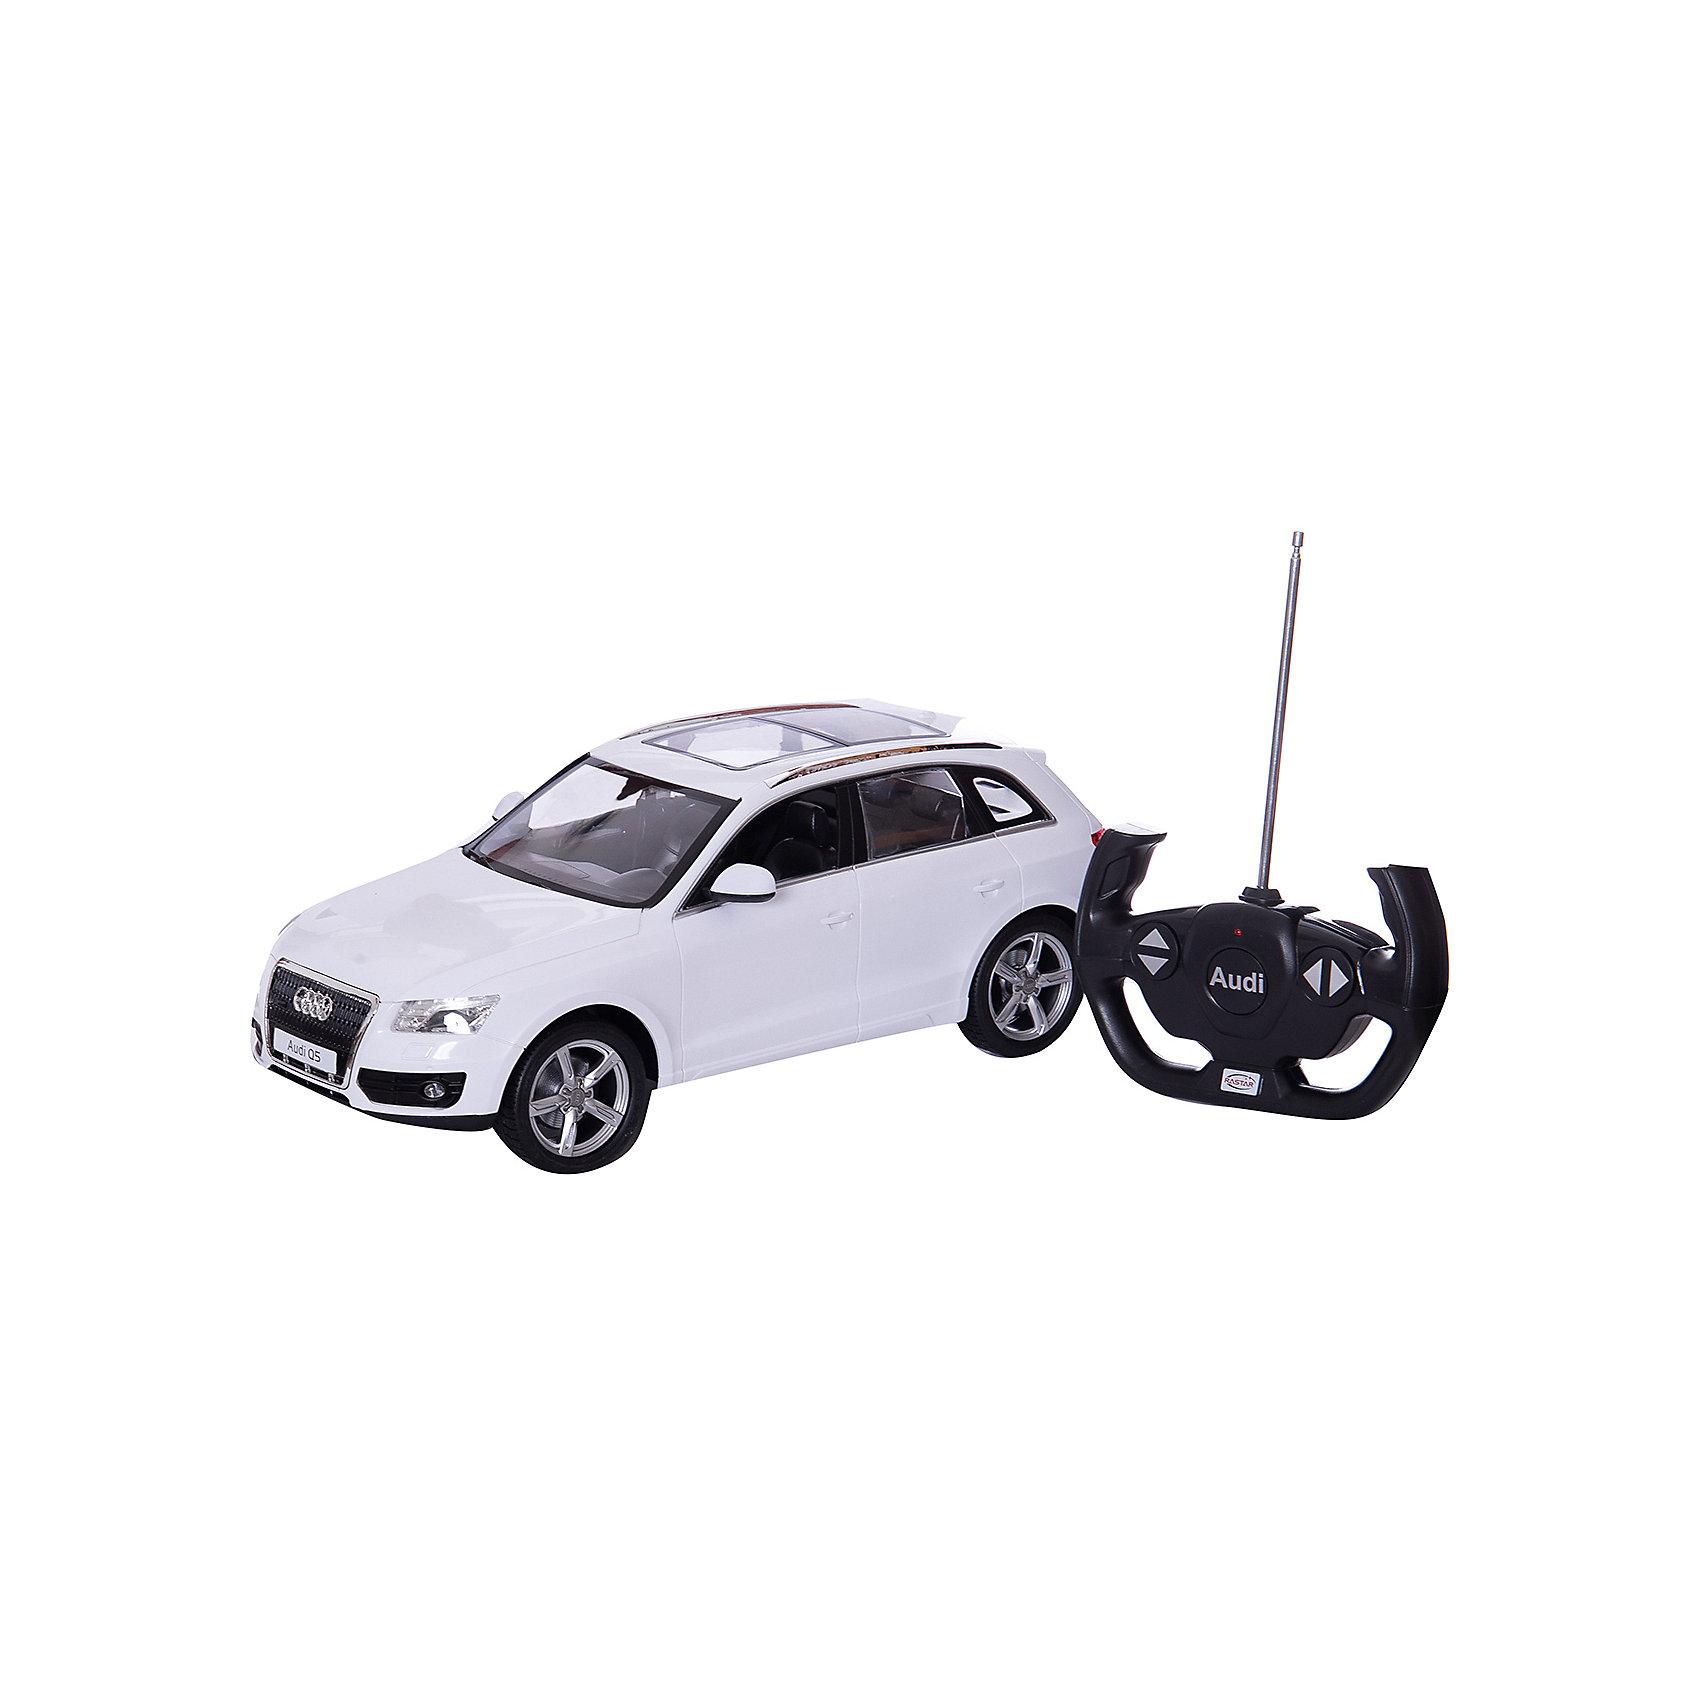 Машина AUDI Q5 1:14, свет, на р/у, RASTARРадиоуправляемая машина AUDI Q5 — это точная копия автомобиля известной марки, выполненной в масштабе 1:14, производителя RASTAR.<br>С помощью пульта управления машинка двигается вперед-назад, вправо-влево. При движении вперед, у машинки загораются фары. При движении назад - загораются стоп-сигналы.<br><br>С радиоуправляемым автомобилем  AUDI Q5 игра станет настолько увлекательной, что оторваться будет невозможно!<br><br>Дополнительная информация:<br><br>- Пульт радиоуправления на частоте 27MHz.<br>- Материал: высококачественная пластмасса<br>- Размеры(ДхШхВ): 22 x 45 x 20 см<br>- Батарейки: 5 х АА, 1 х «Крона», в комплект не входят<br>- Вес: 1,55 кг<br><br>Машину AUDI Q5 1:14, свет, на р/у, RASTAR можно купить в нашем интернет-магазине.<br><br>Ширина мм: 220<br>Глубина мм: 450<br>Высота мм: 200<br>Вес г: 1550<br>Возраст от месяцев: 36<br>Возраст до месяцев: 1188<br>Пол: Мужской<br>Возраст: Детский<br>SKU: 3482936